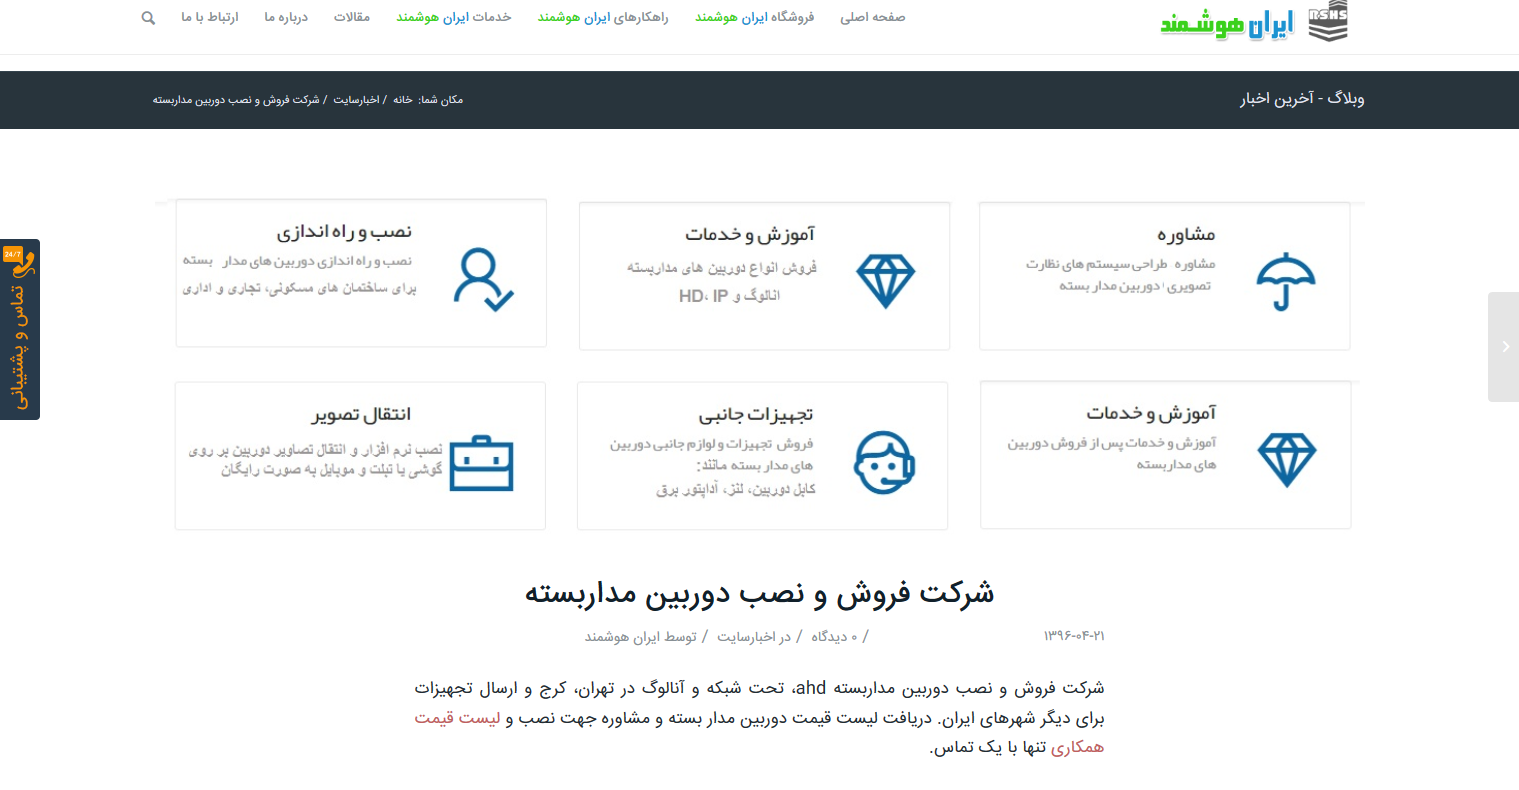 نمونه کار طراحان وب